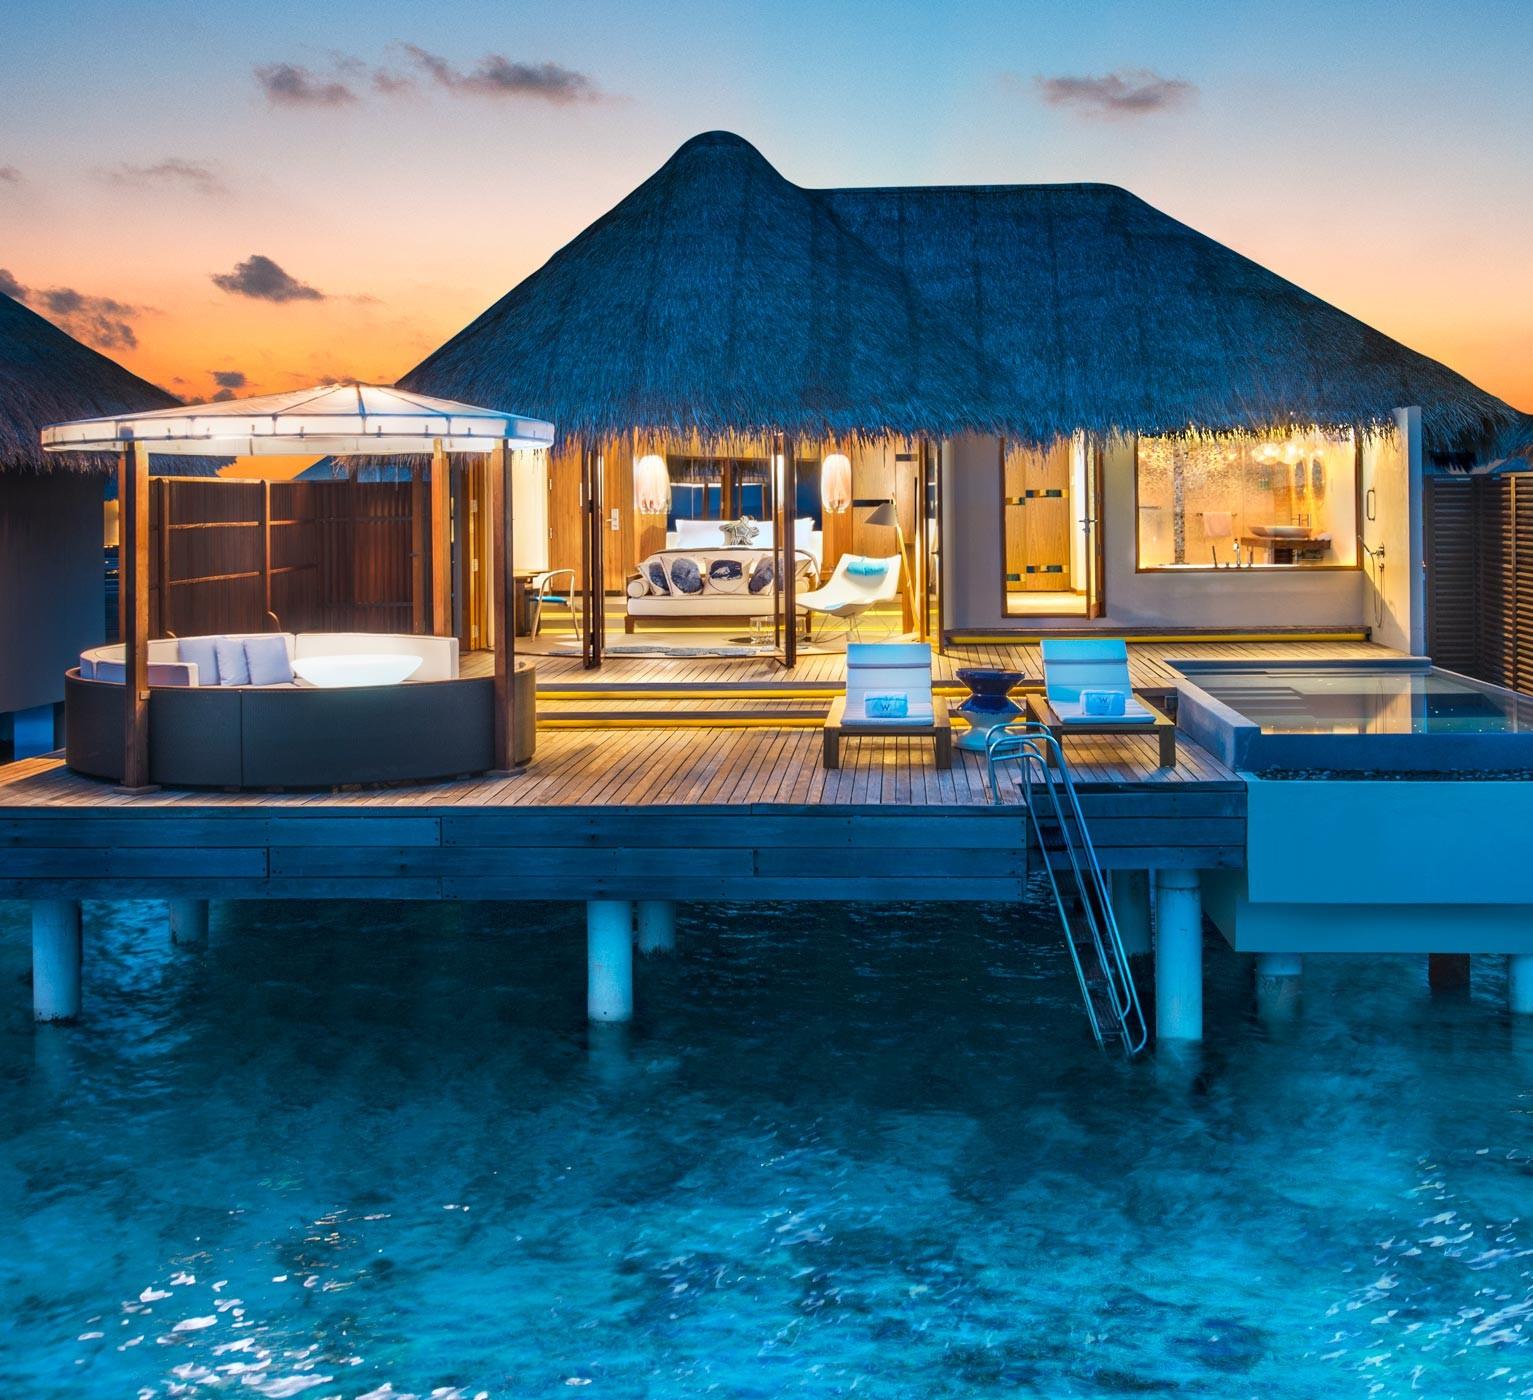 FesduIsland_Maldives_005